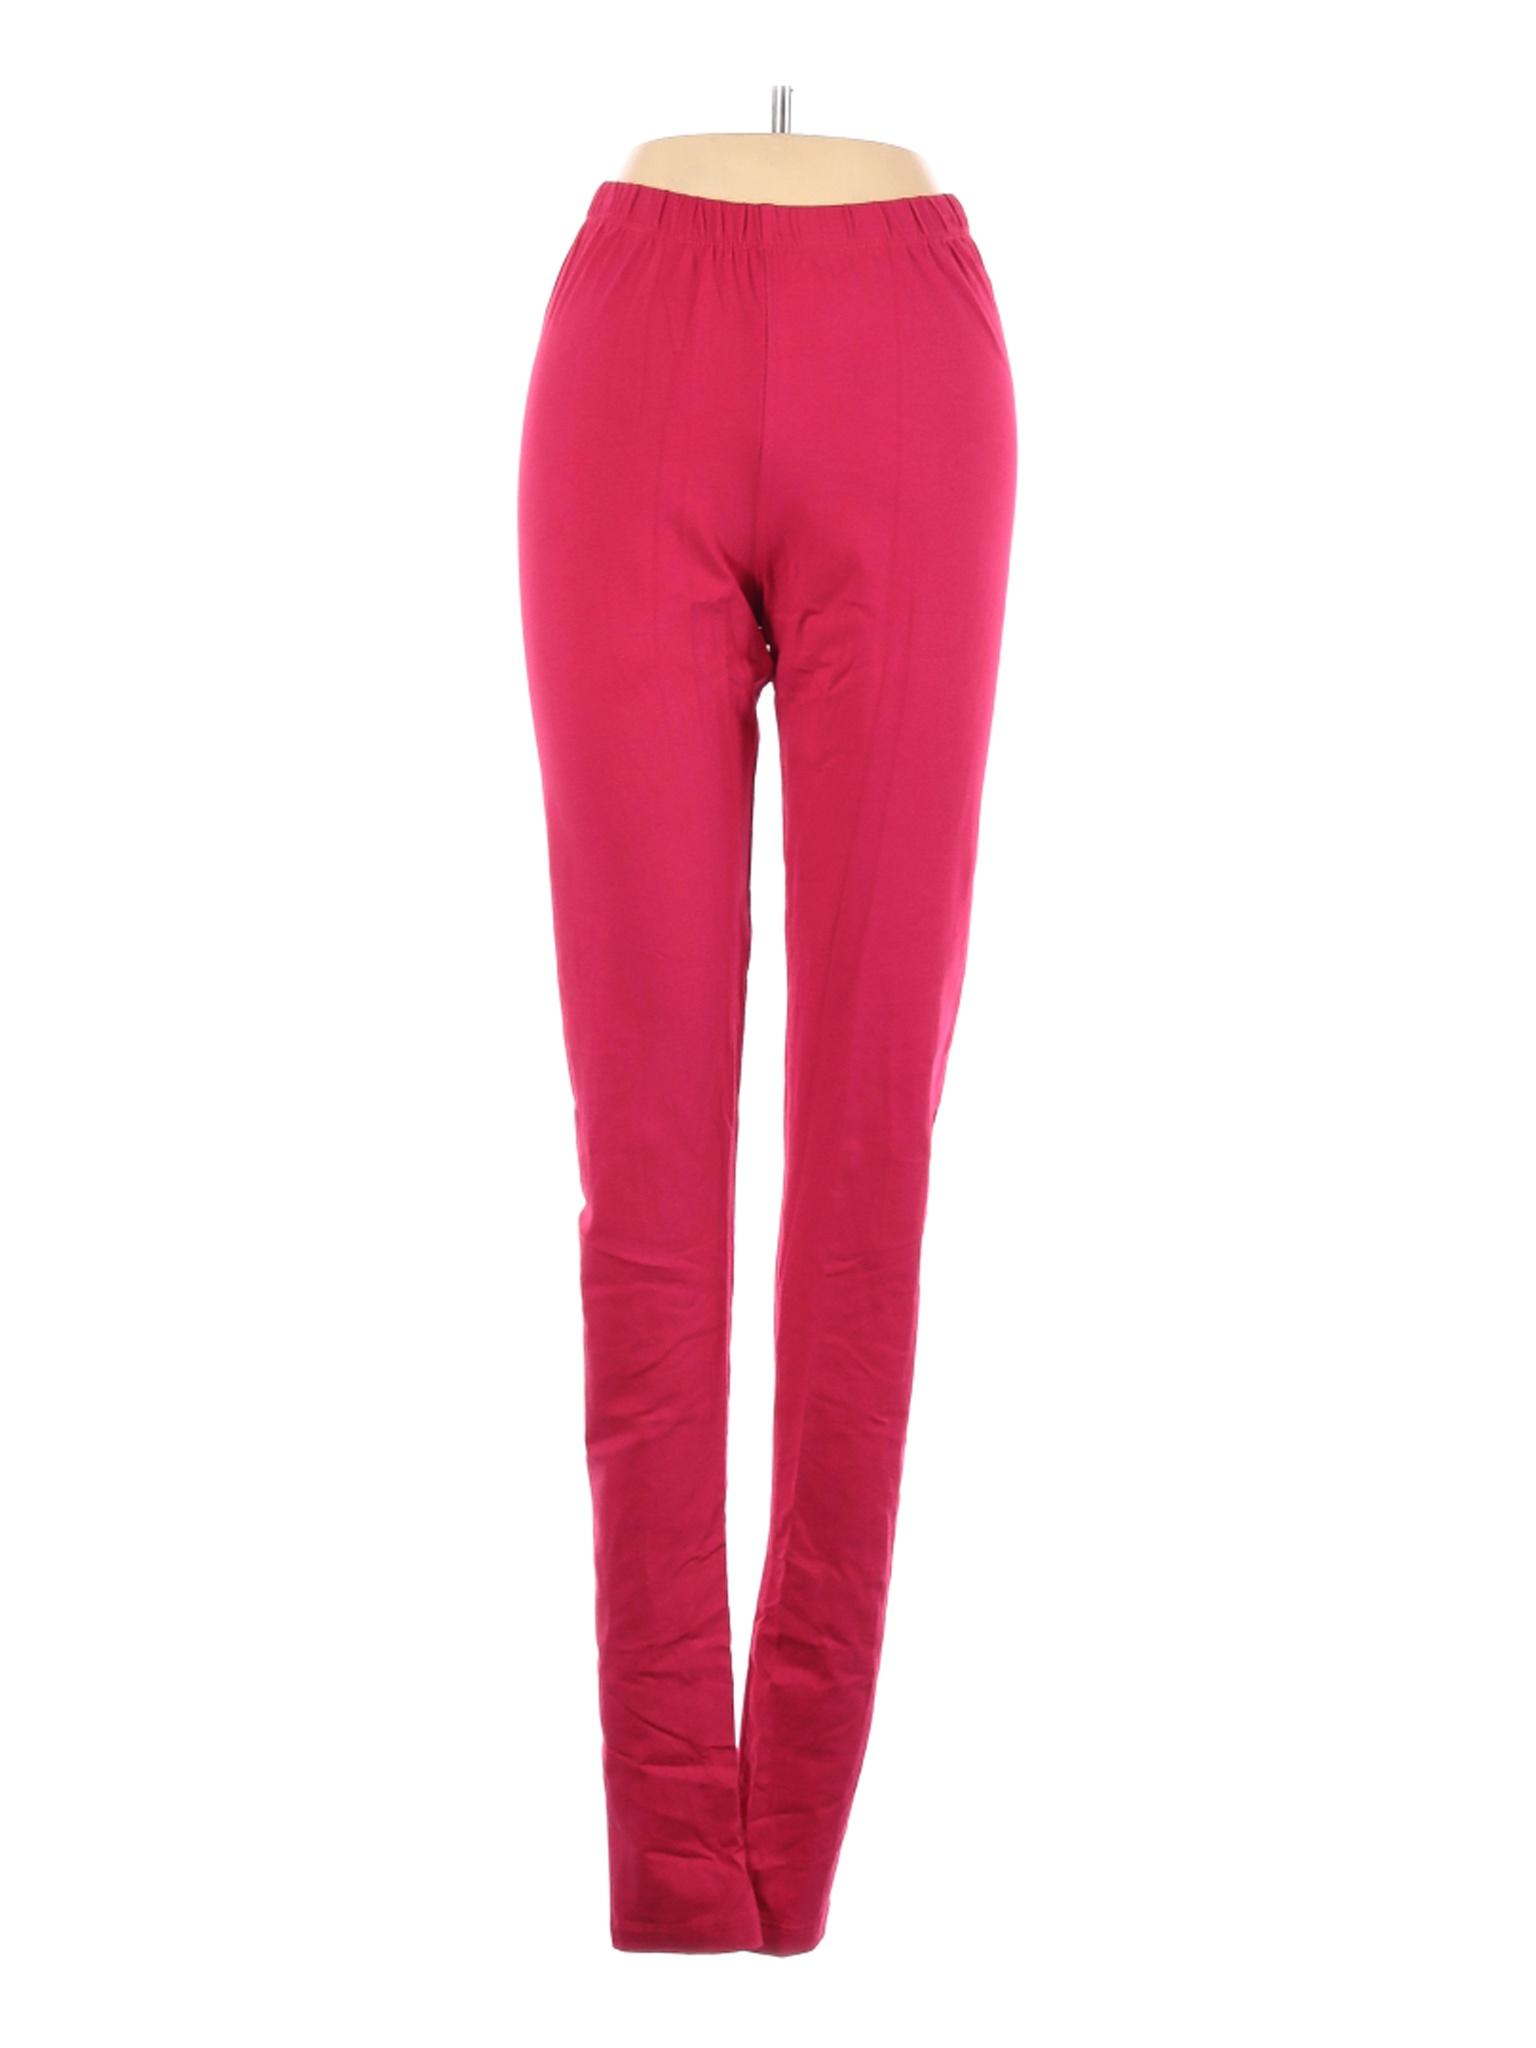 Stop Every Wear Women Pink Leggings S   eBay